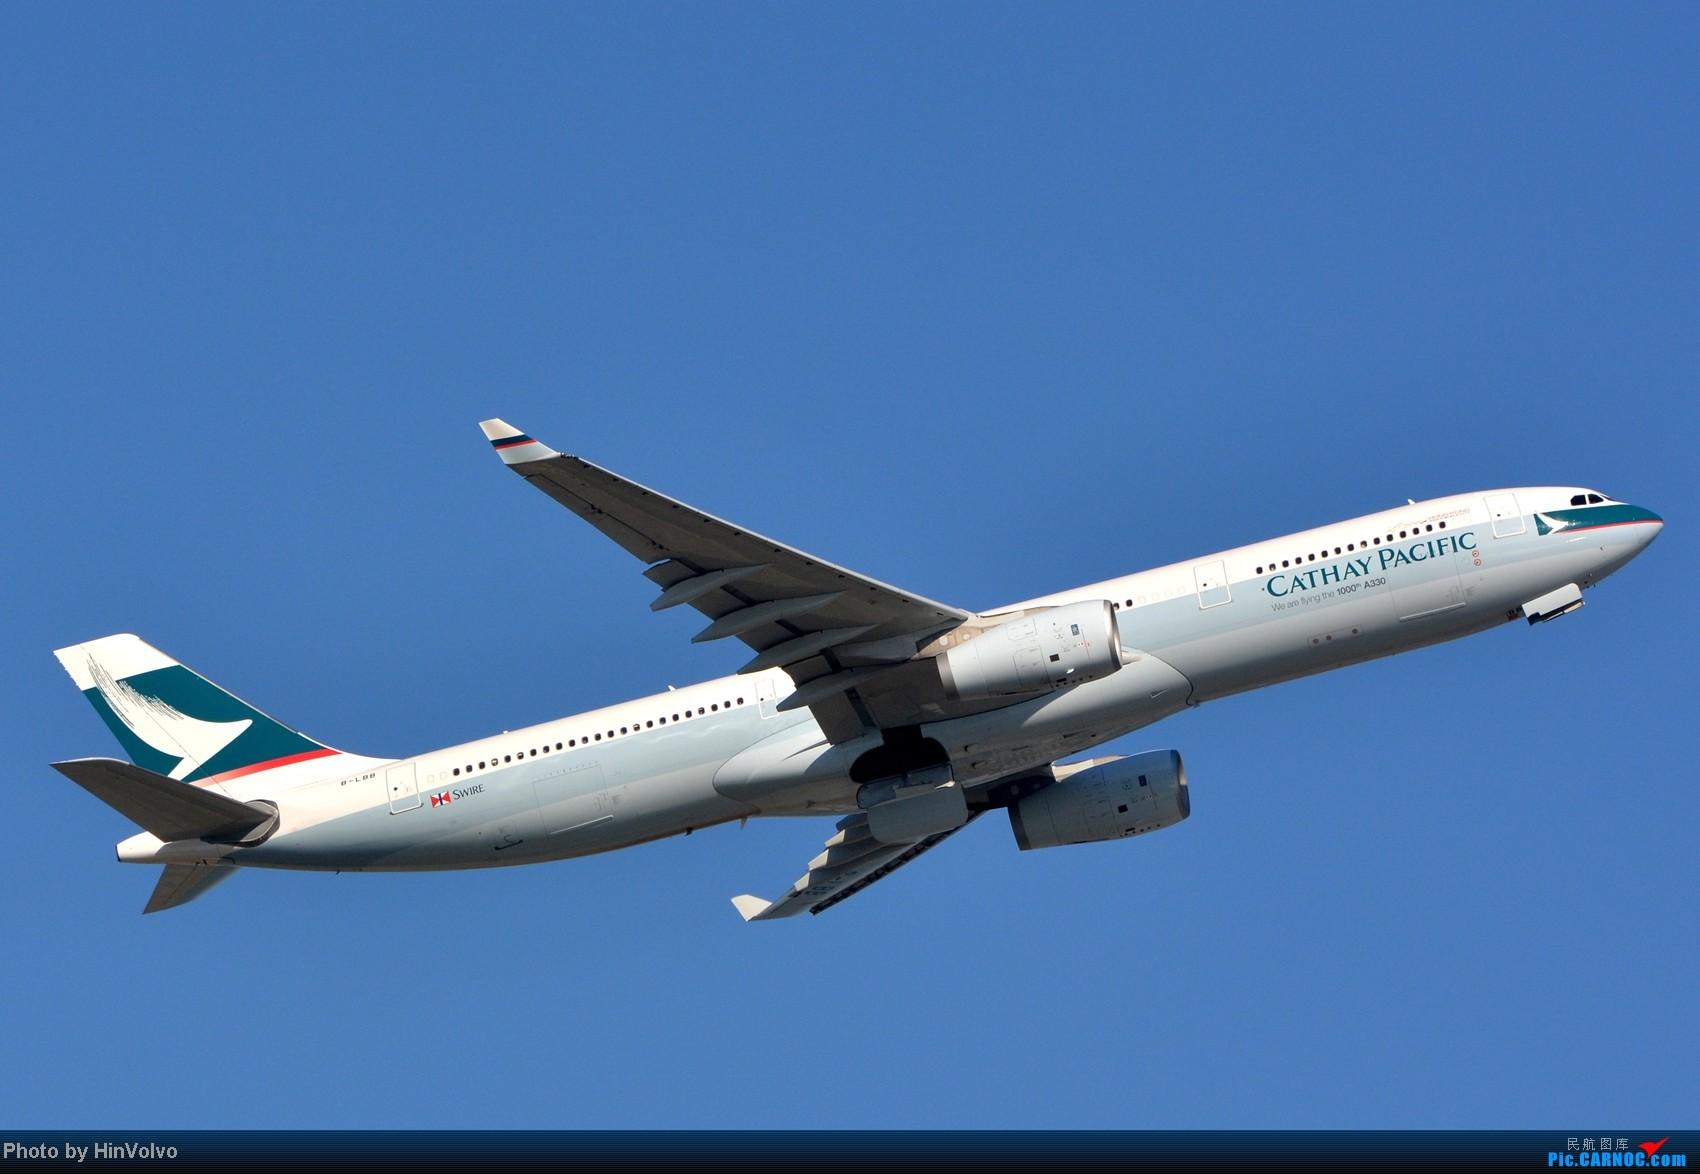 Re:[原创]~~~~多圖系列~~~HKG,早上好!寒冷的天氣出發前往機場拍到中午。 AIRBUS A330-200 B-LBB 中国香港赤鱲角机场